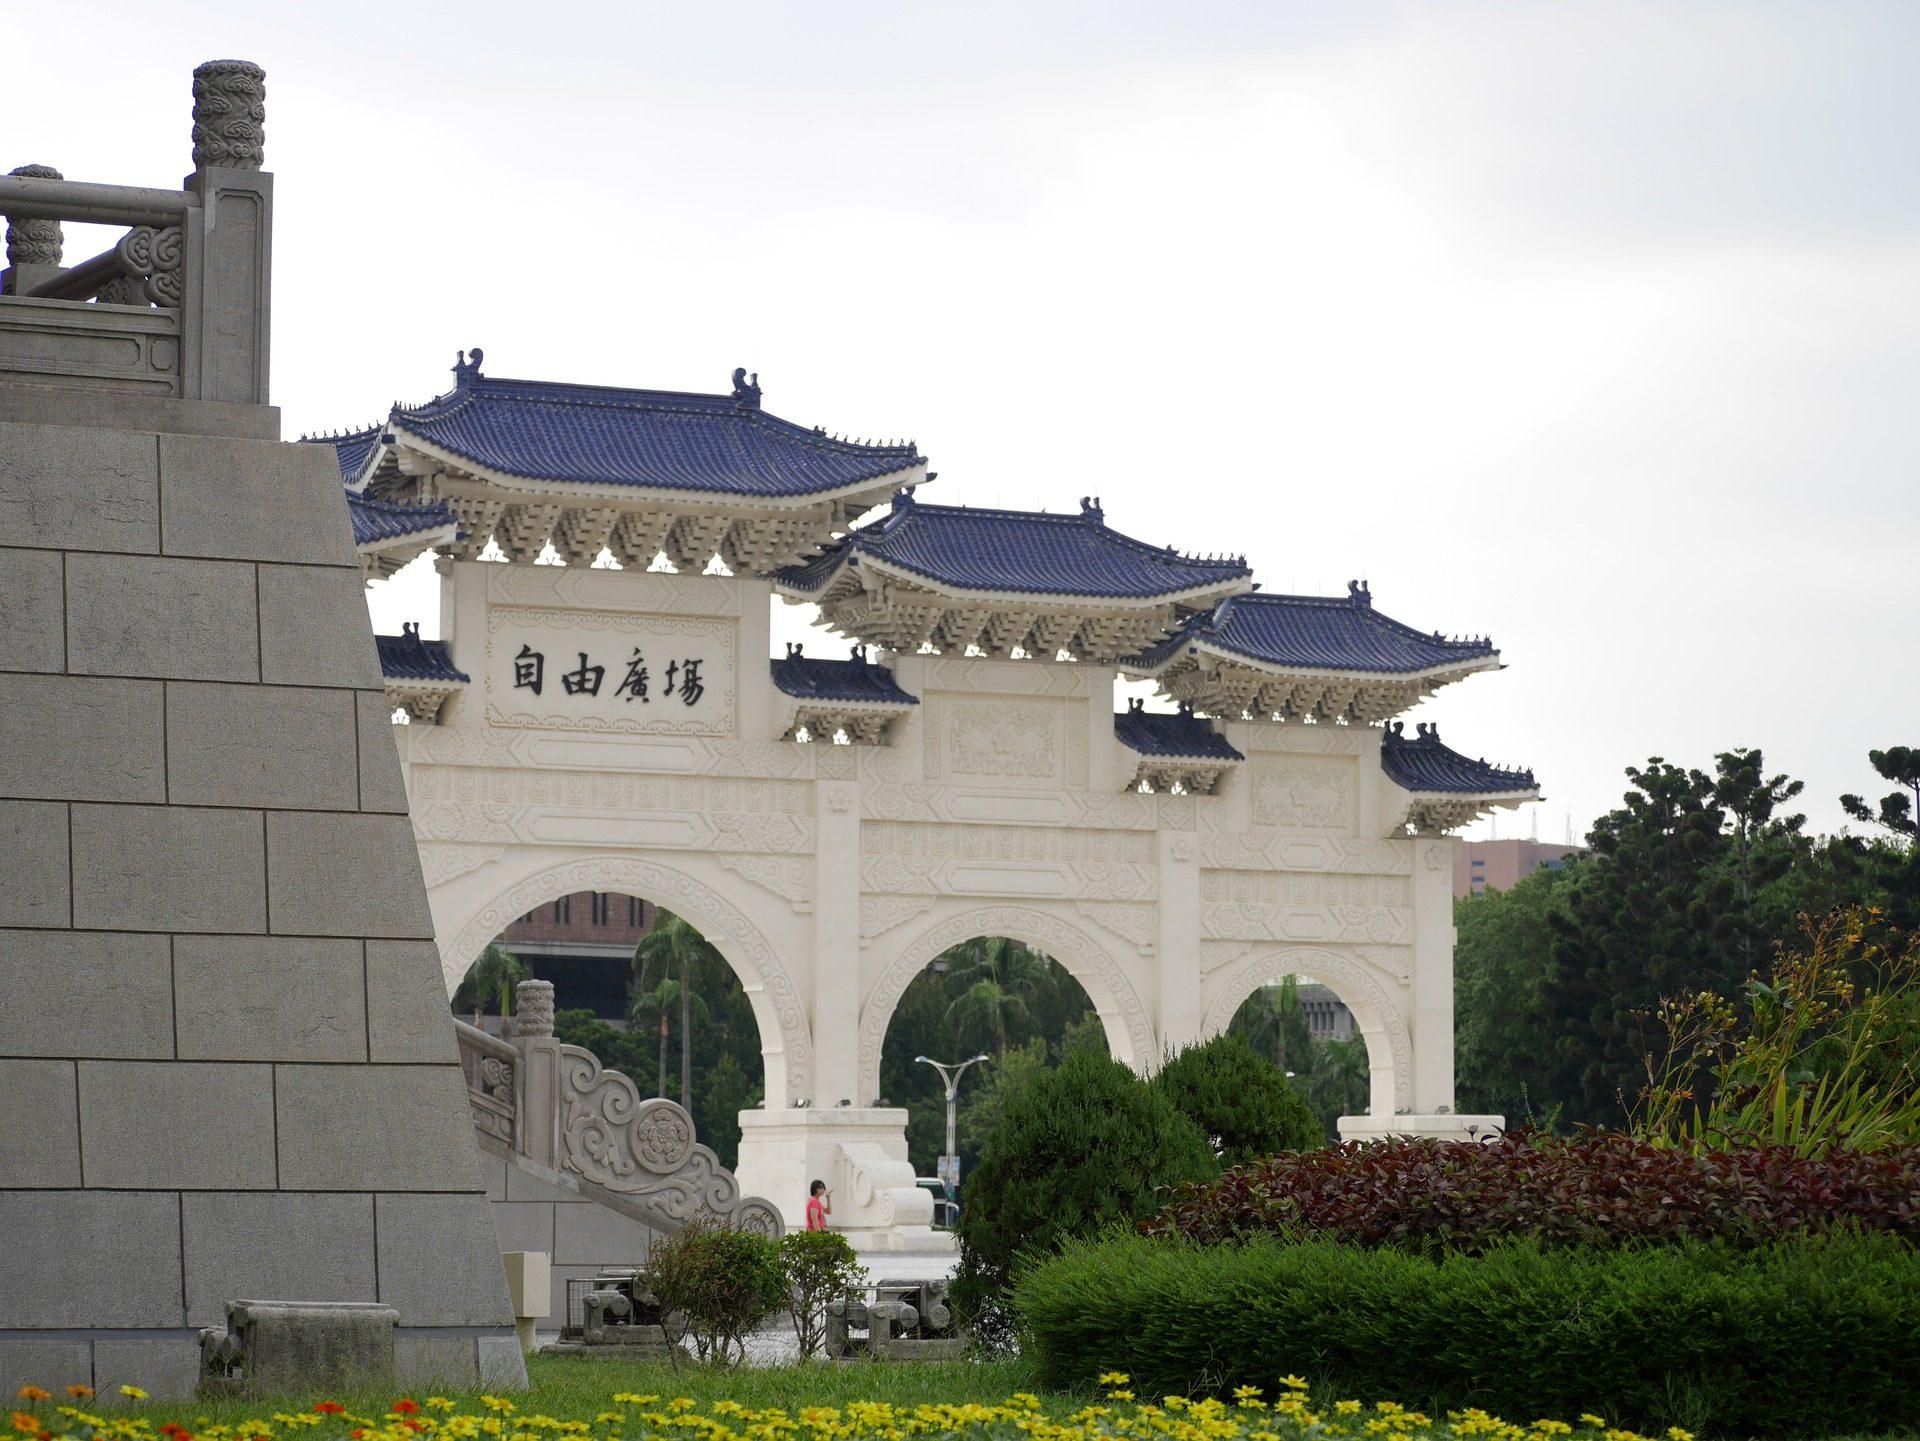 κτίριο, αρχιτεκτονική, Πλατεία Ελευθερίας, Ταϊπέι, Ταϊβάν - Wallpapers HD - Professor-falken.com